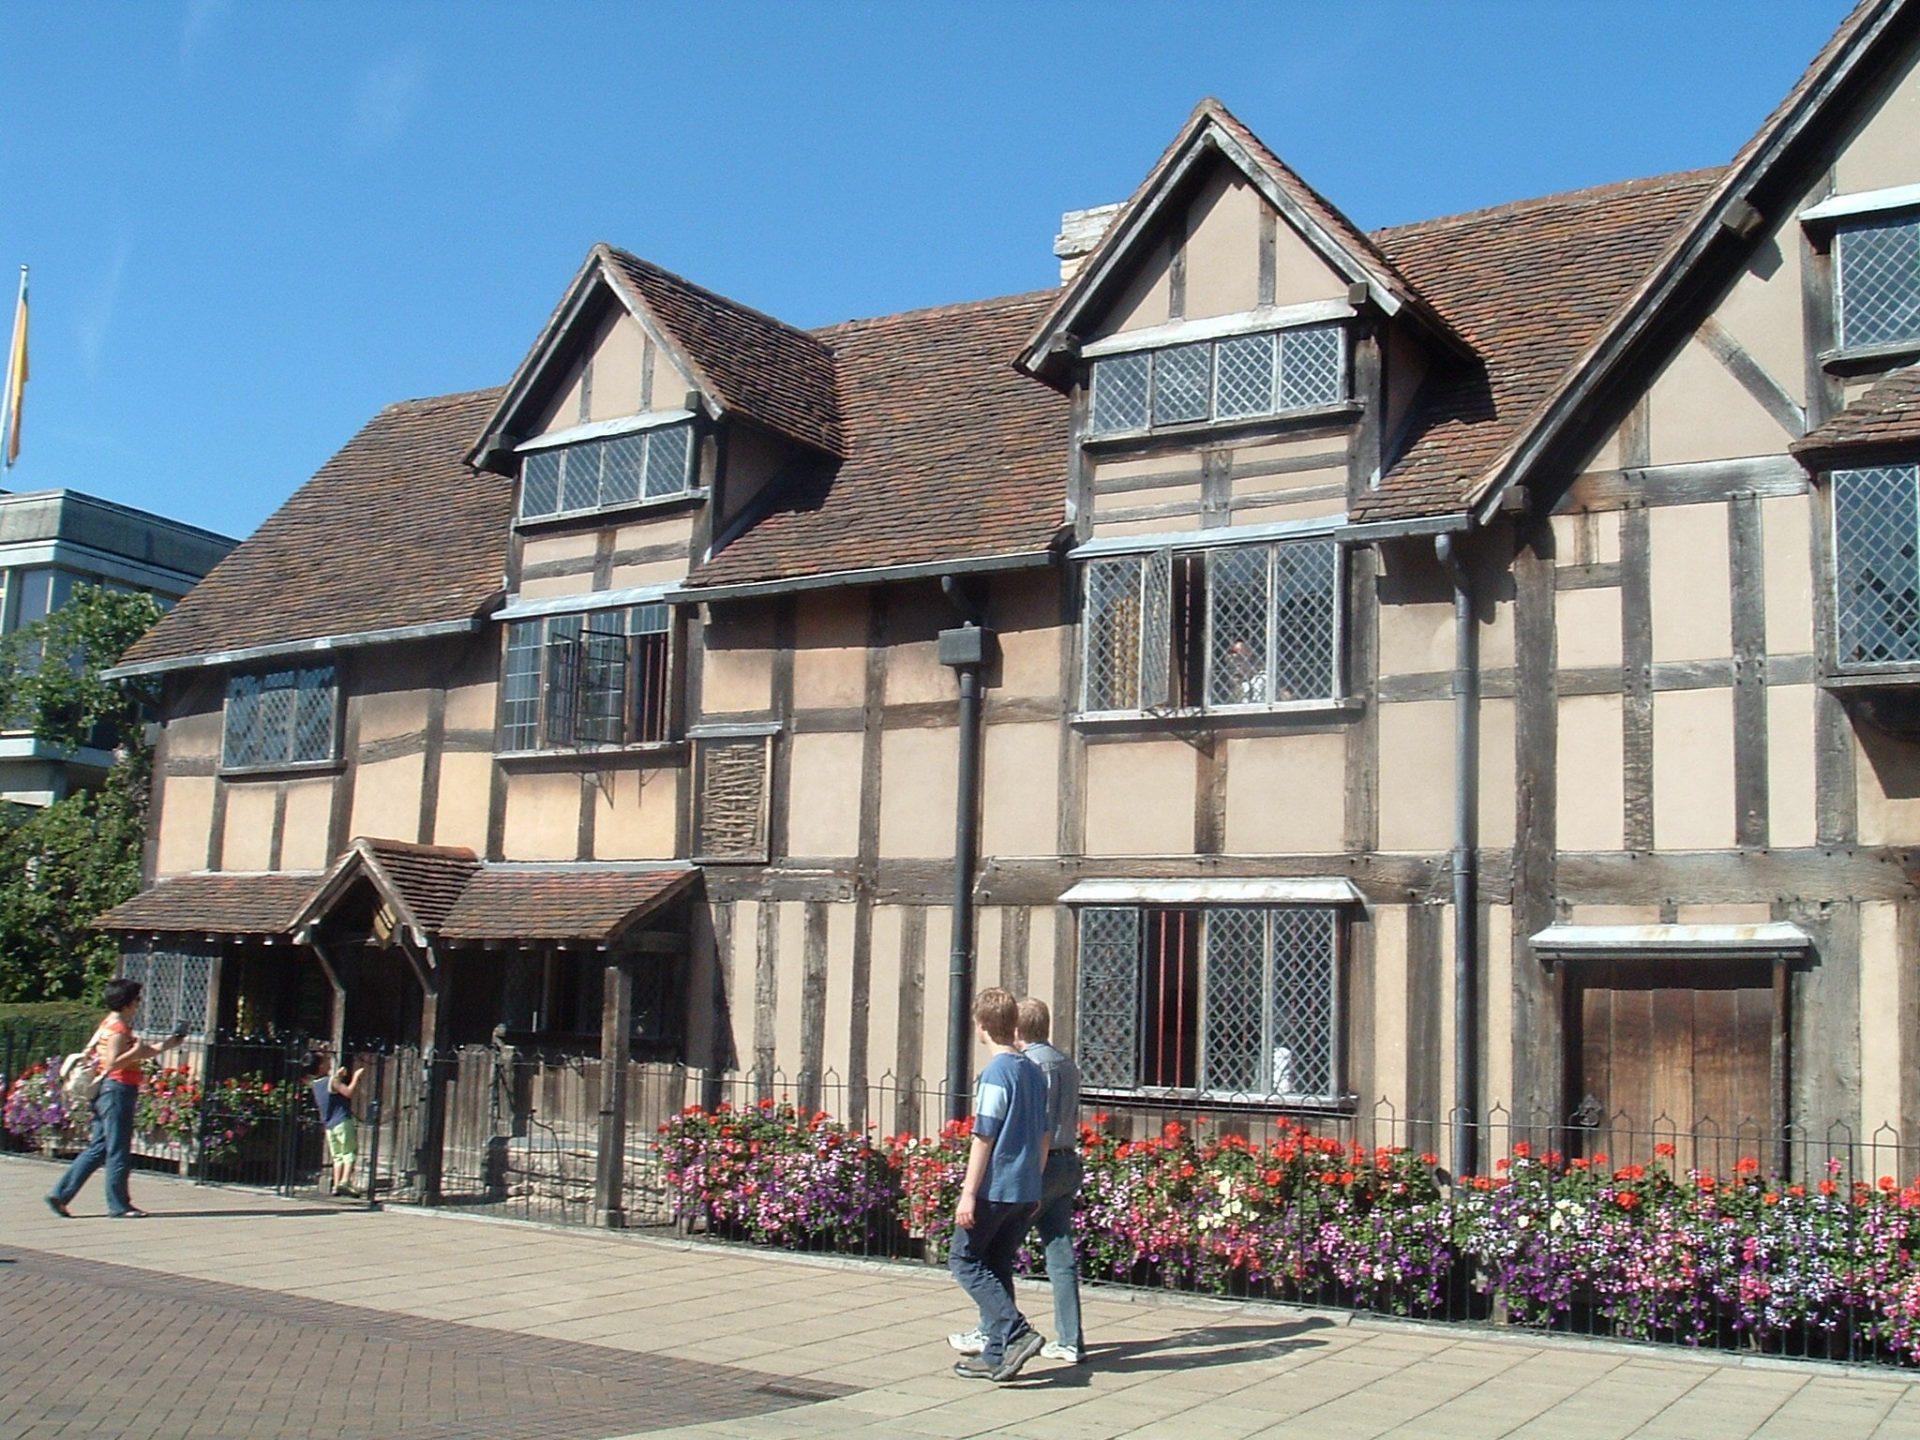 Дом-музей Шекспира, Стратфорд-на-Эйвоне, Великобритания. Июль, 2006